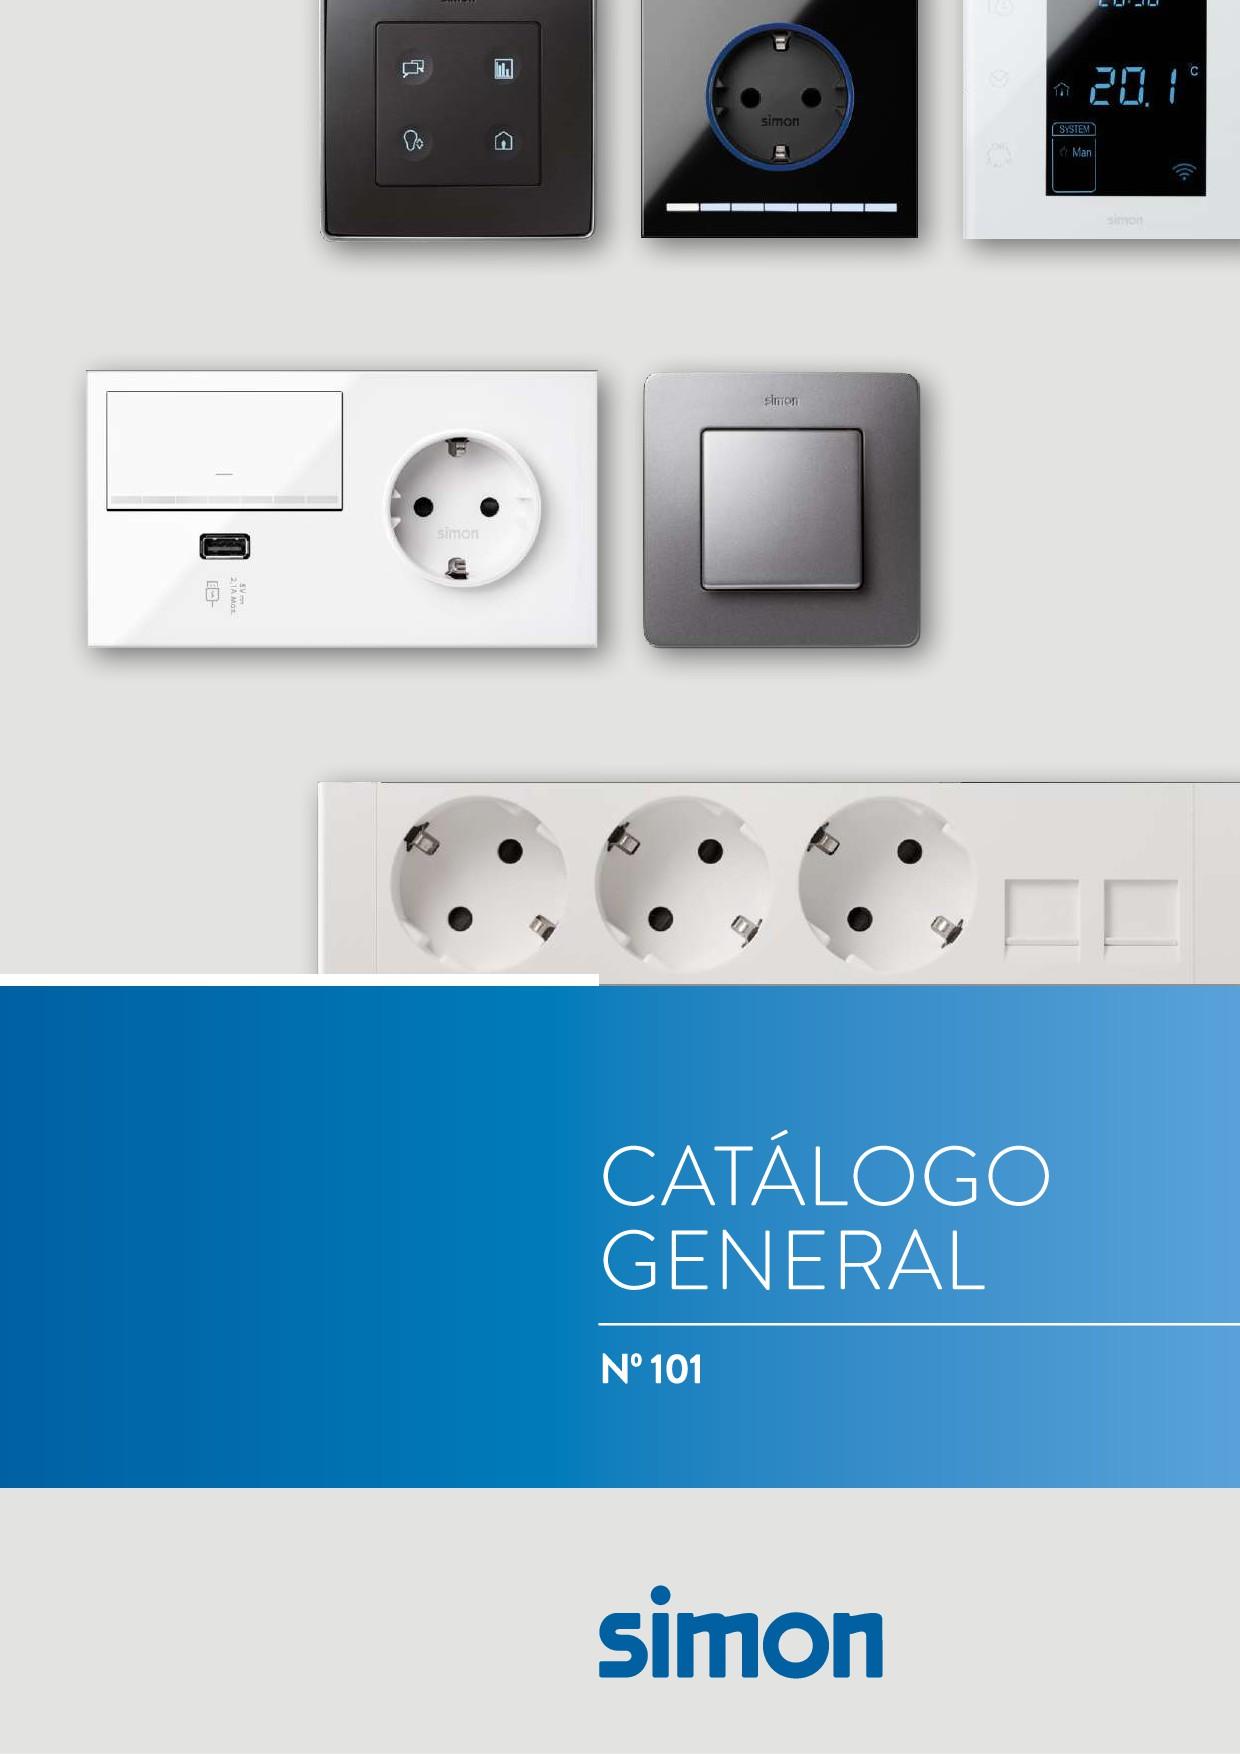 Simon - Catálogo General 2018